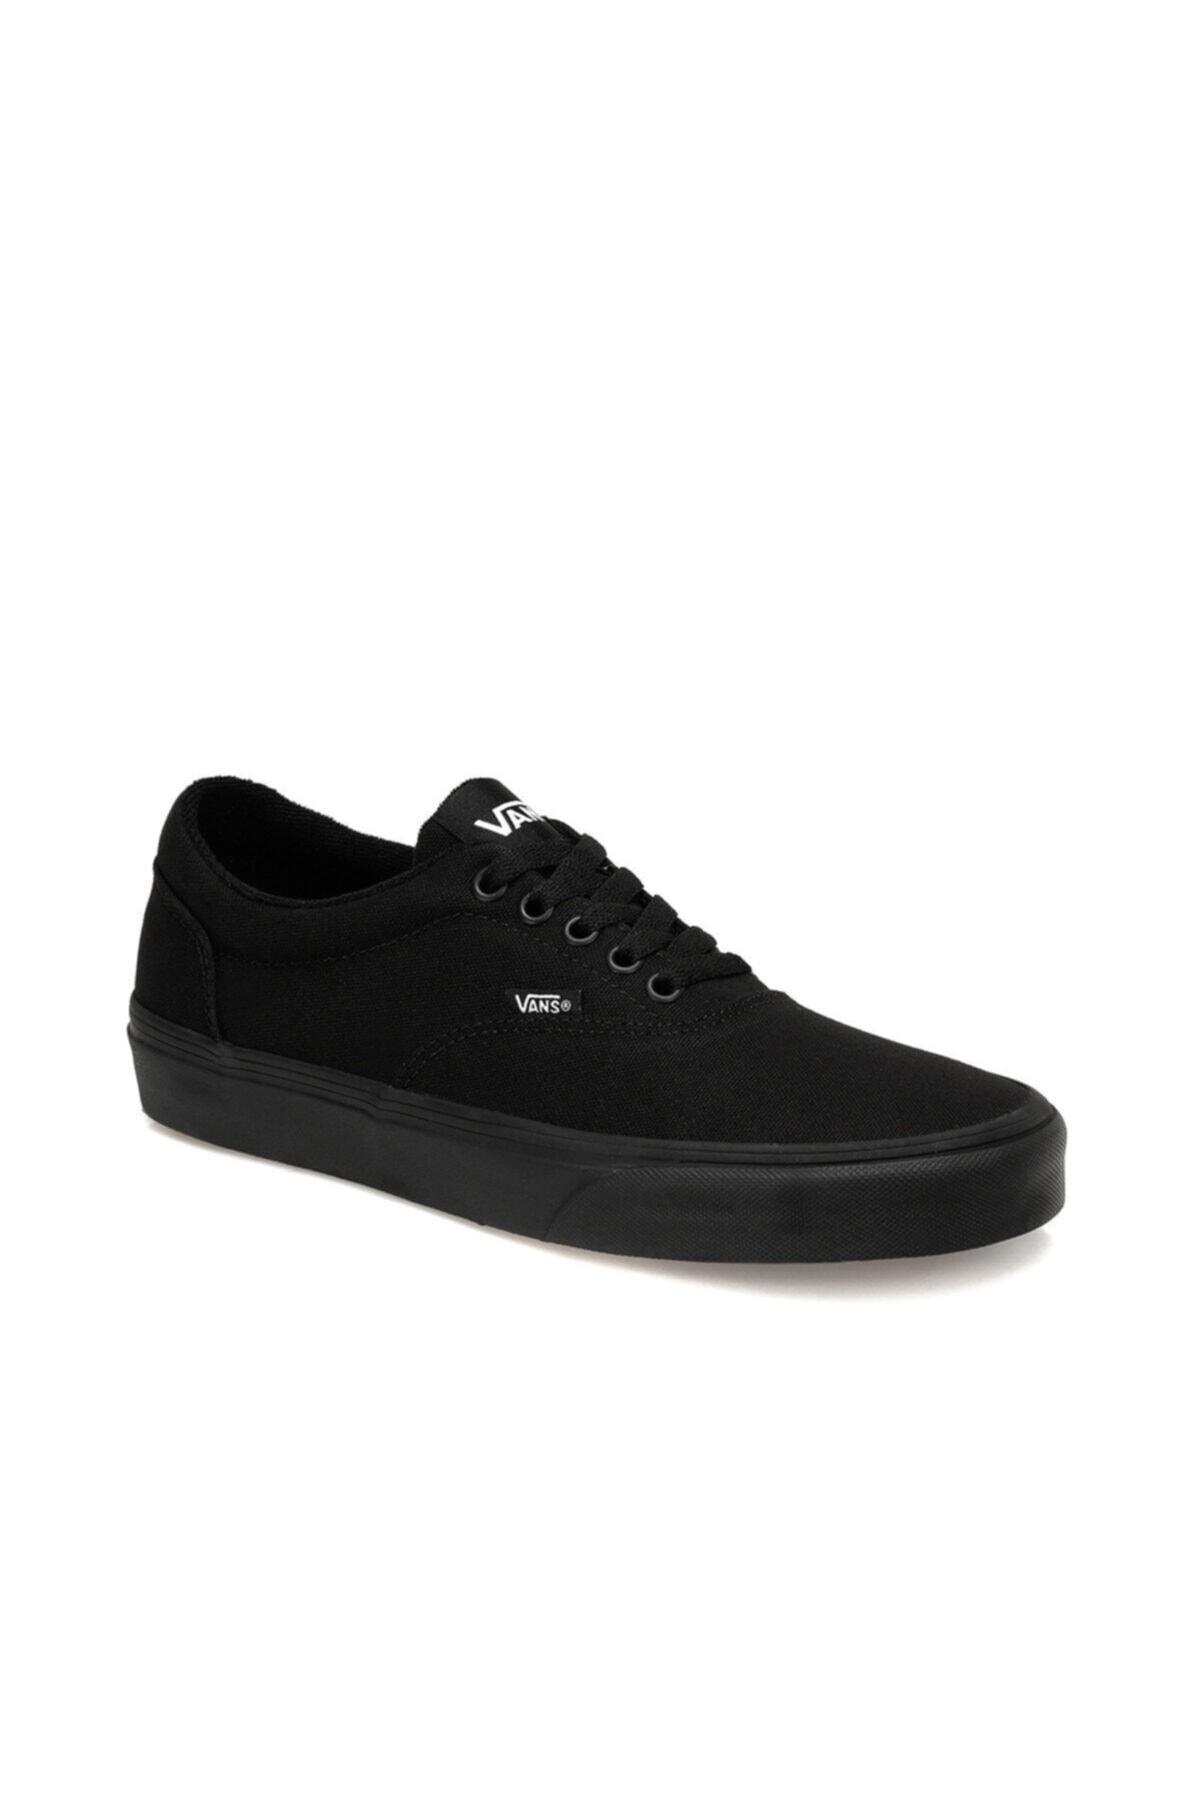 Doheny Erkek Ayakkabı